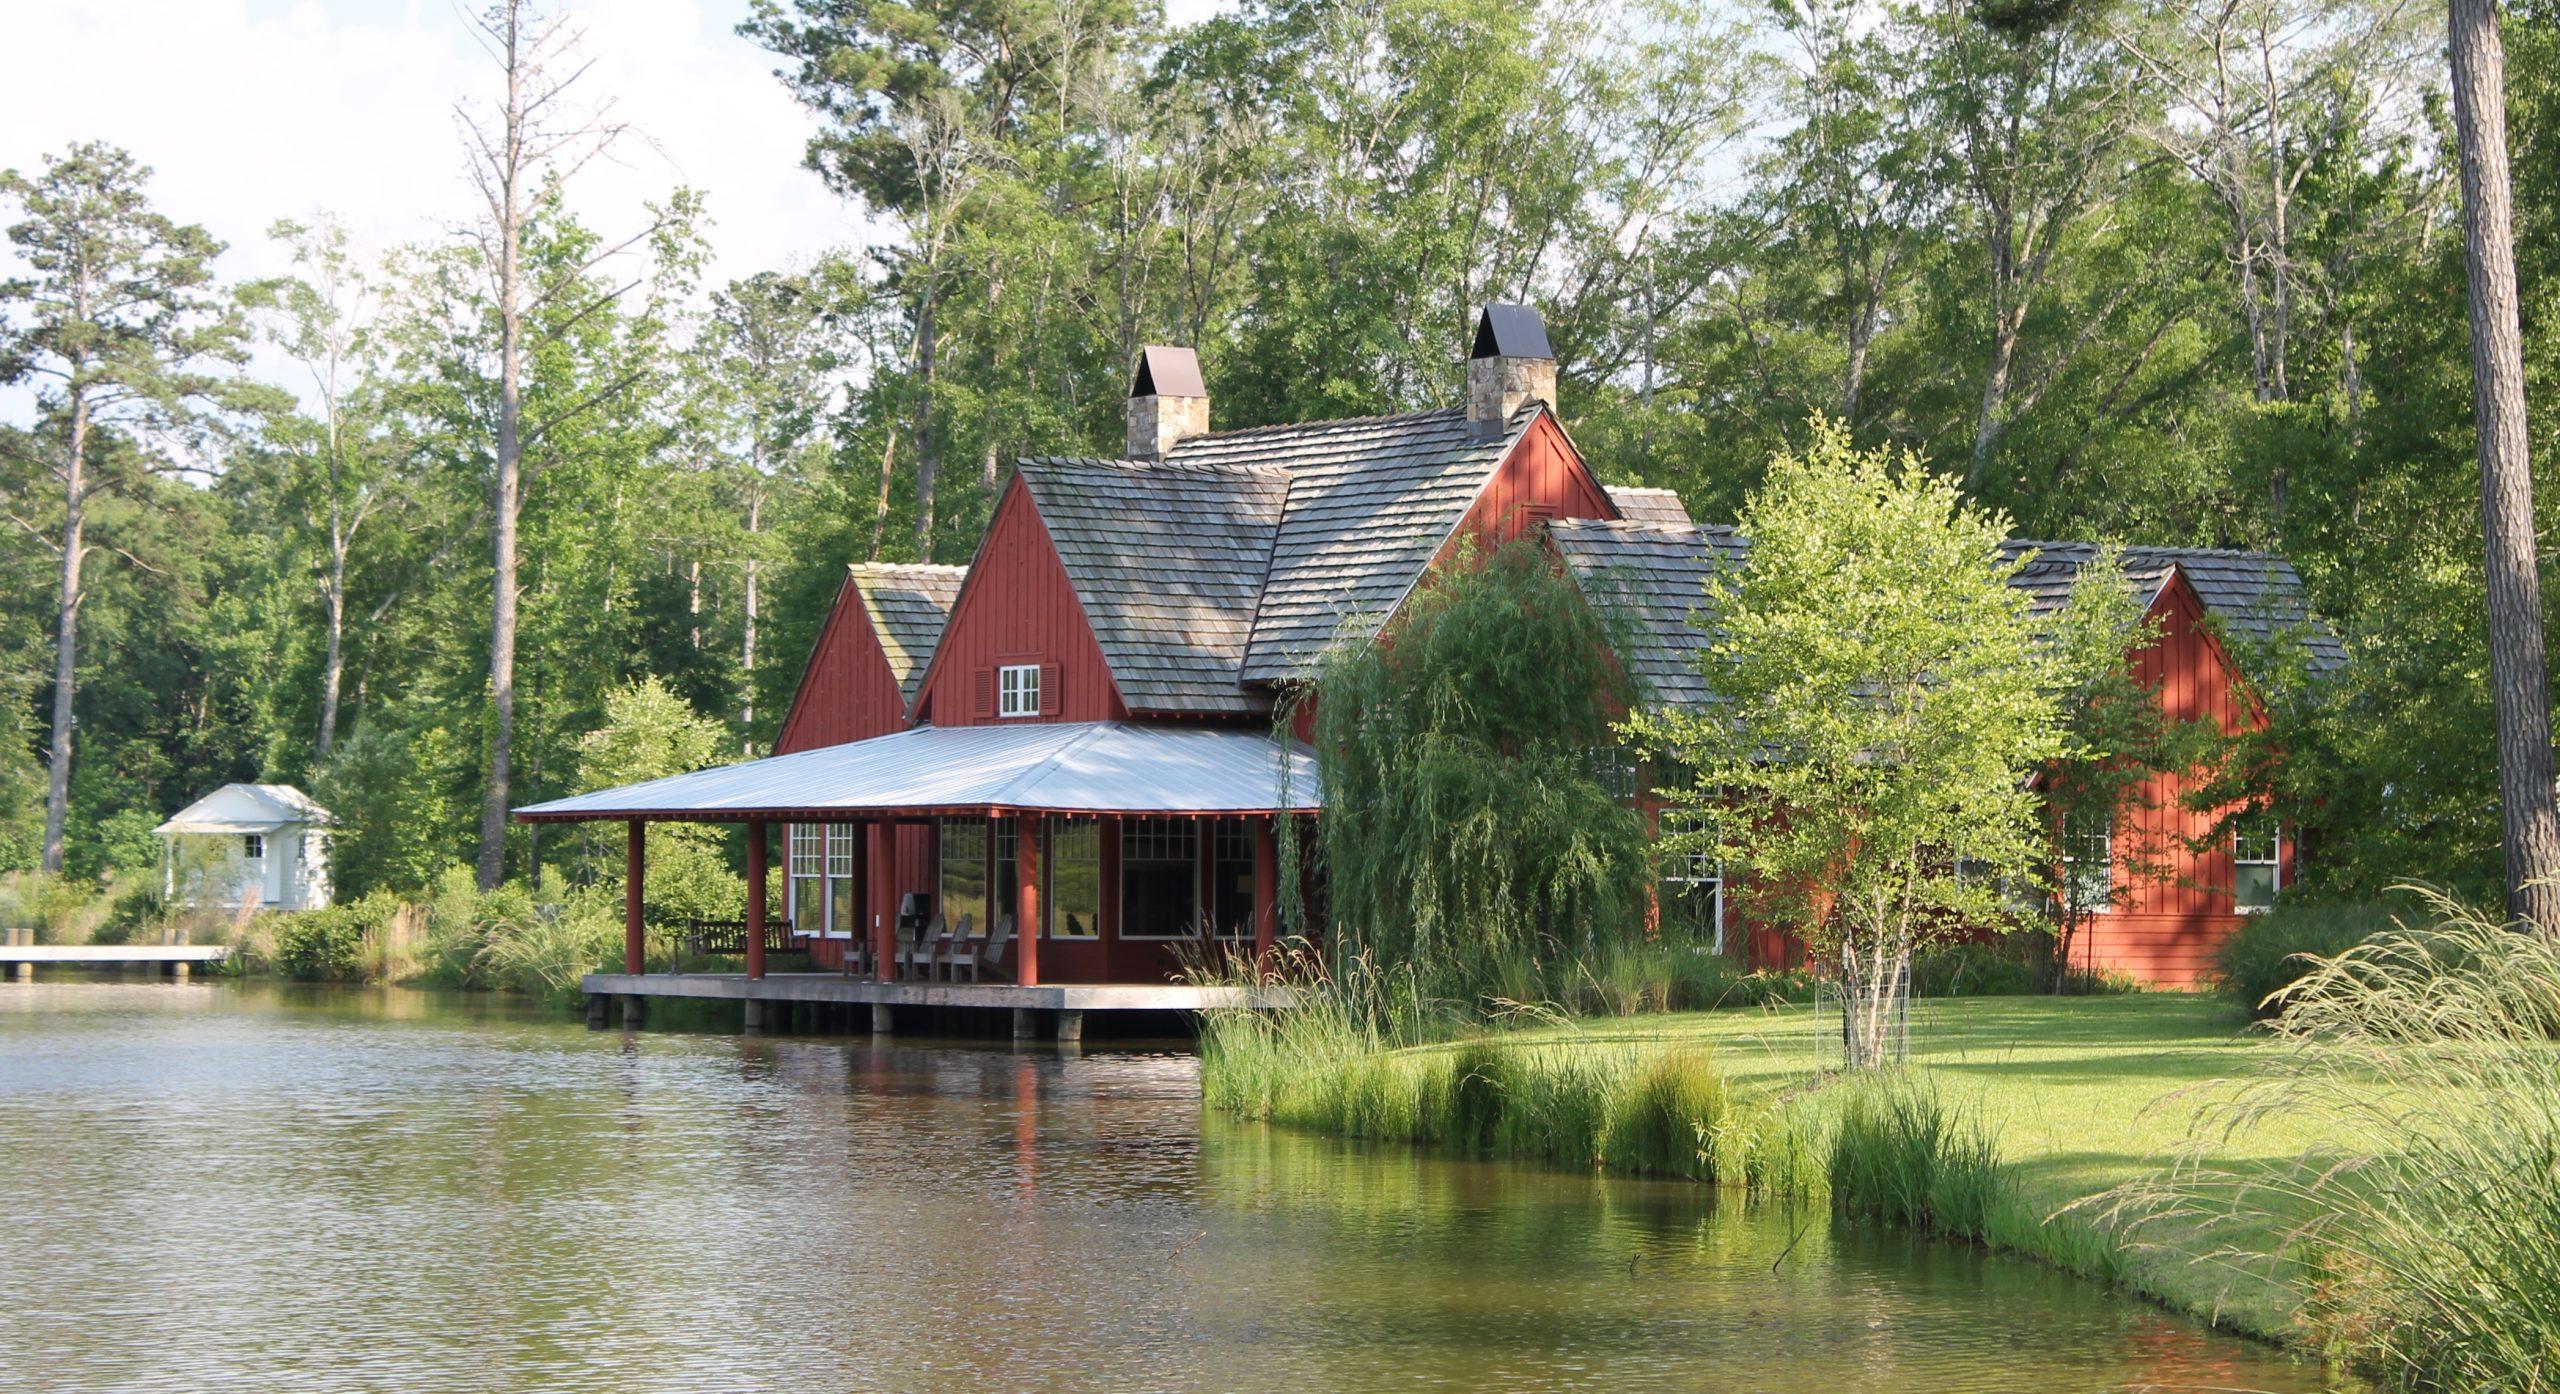 McAlpine Journal: Lake